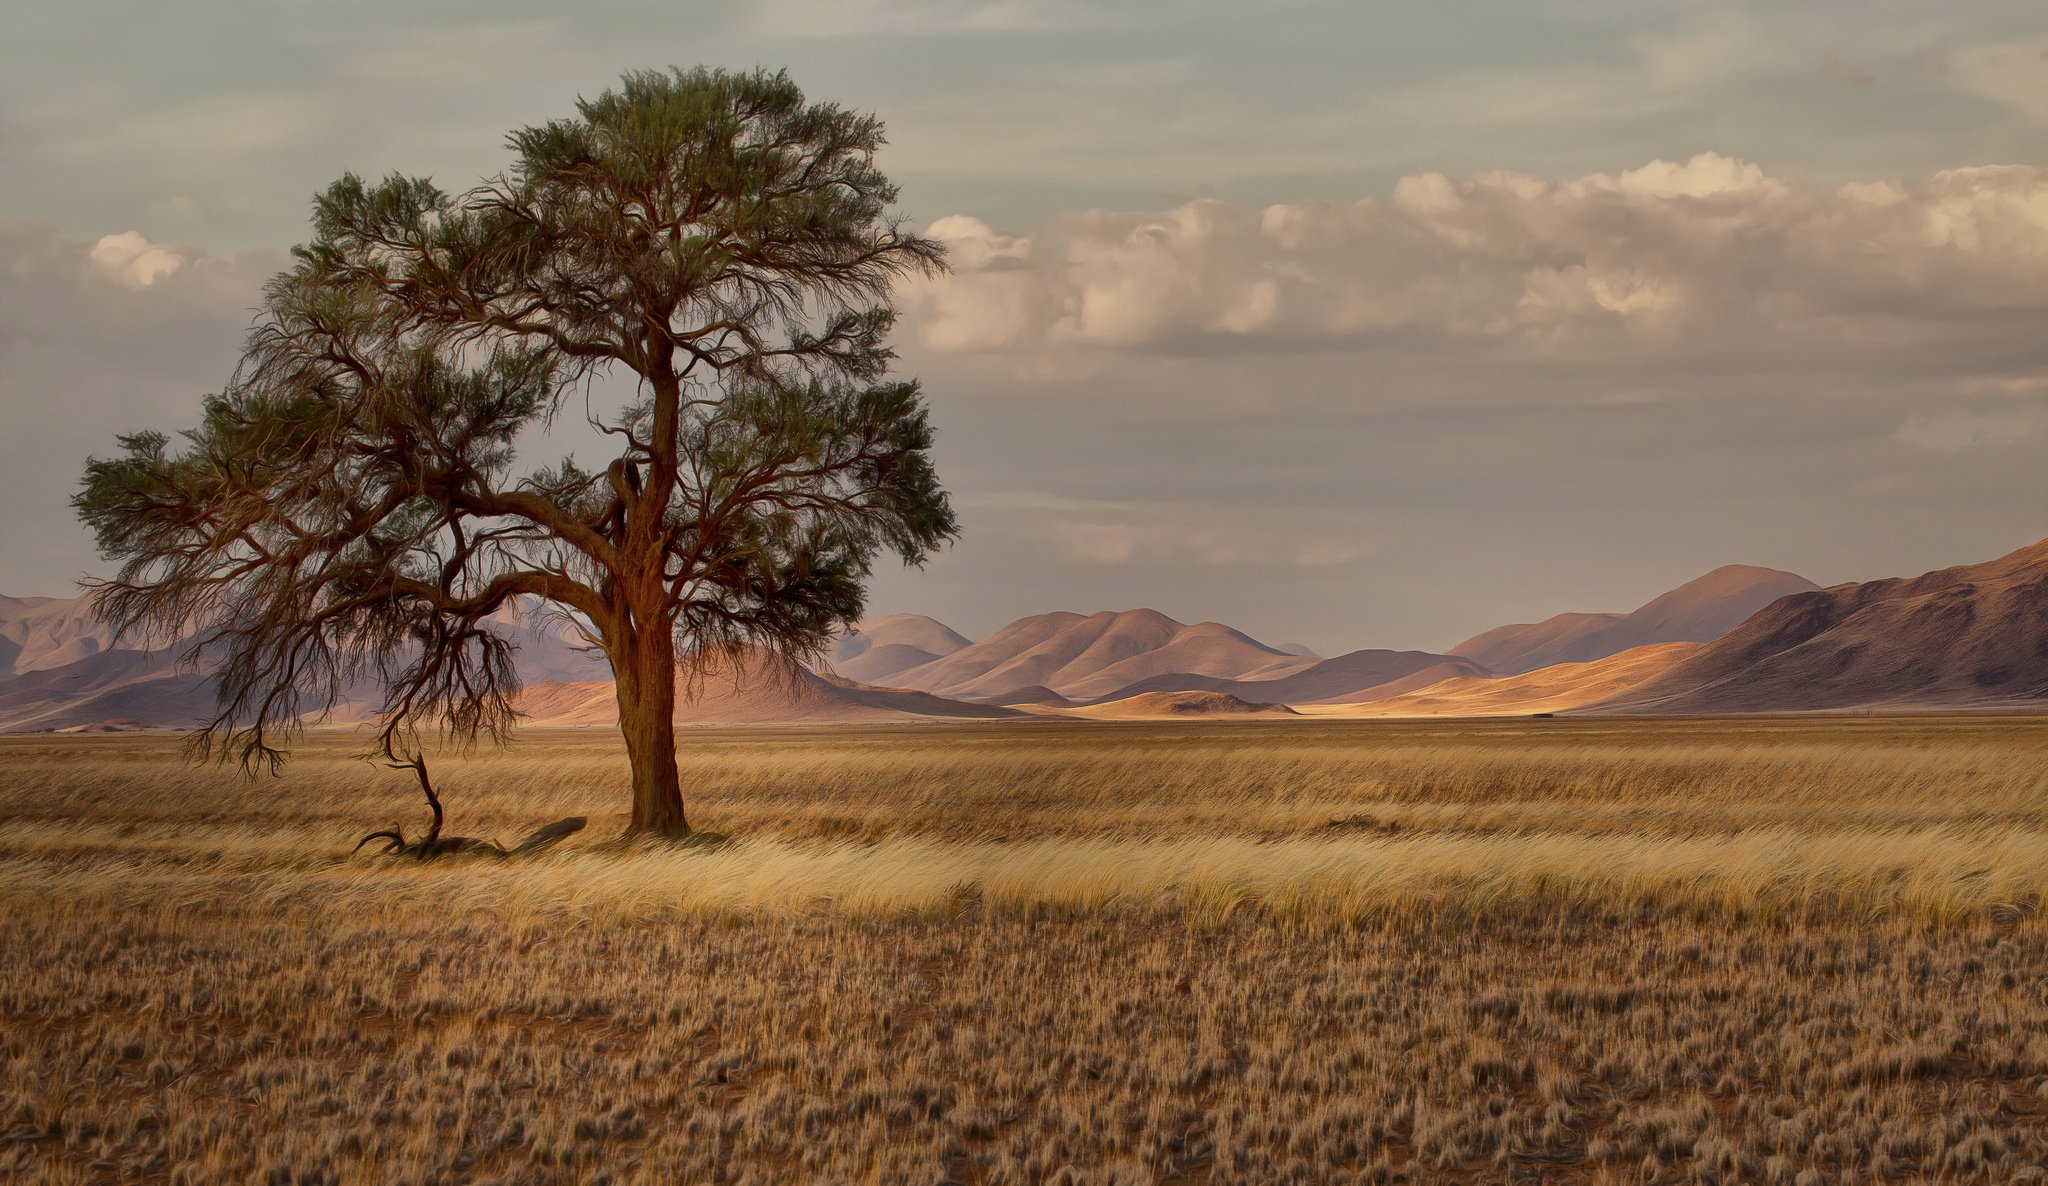 природа деревья поле пустыня  № 3805722 бесплатно